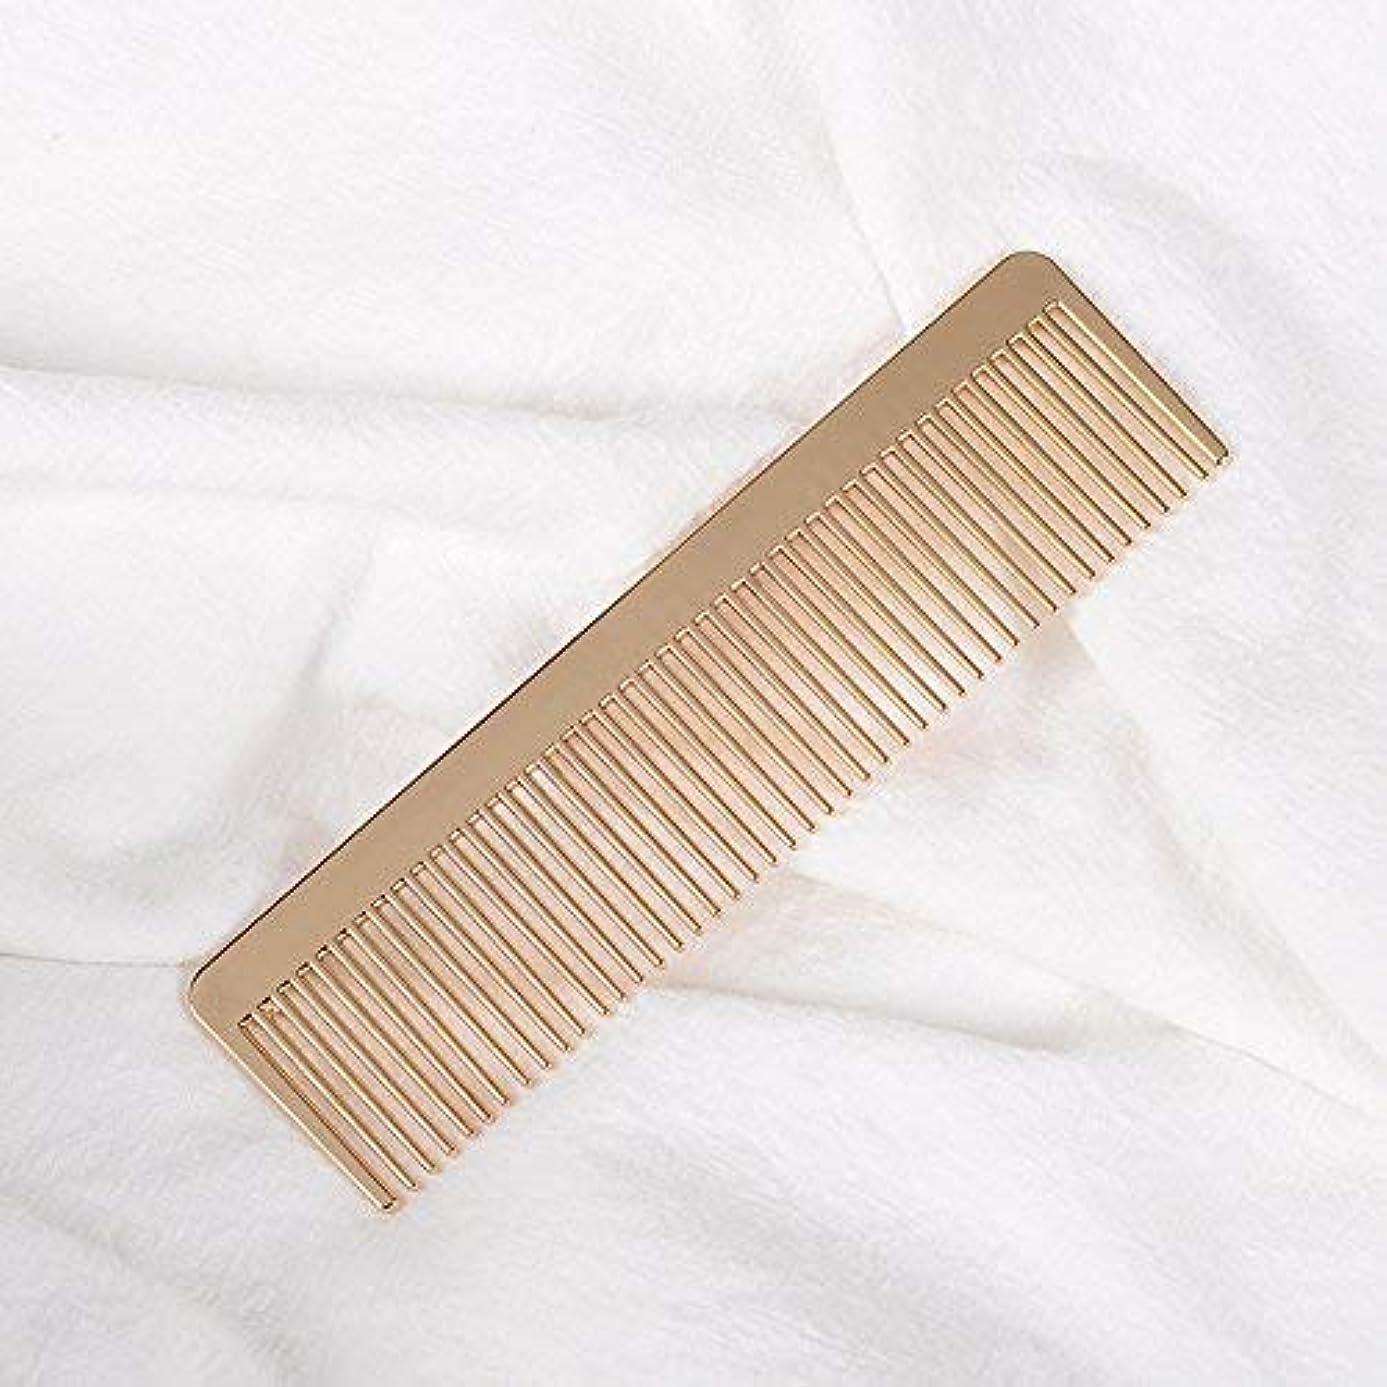 画像スリットGrtdrm Portable Metal Comb, Minimalist Pocket Golden Hair Comb for Women Men Unisex [並行輸入品]